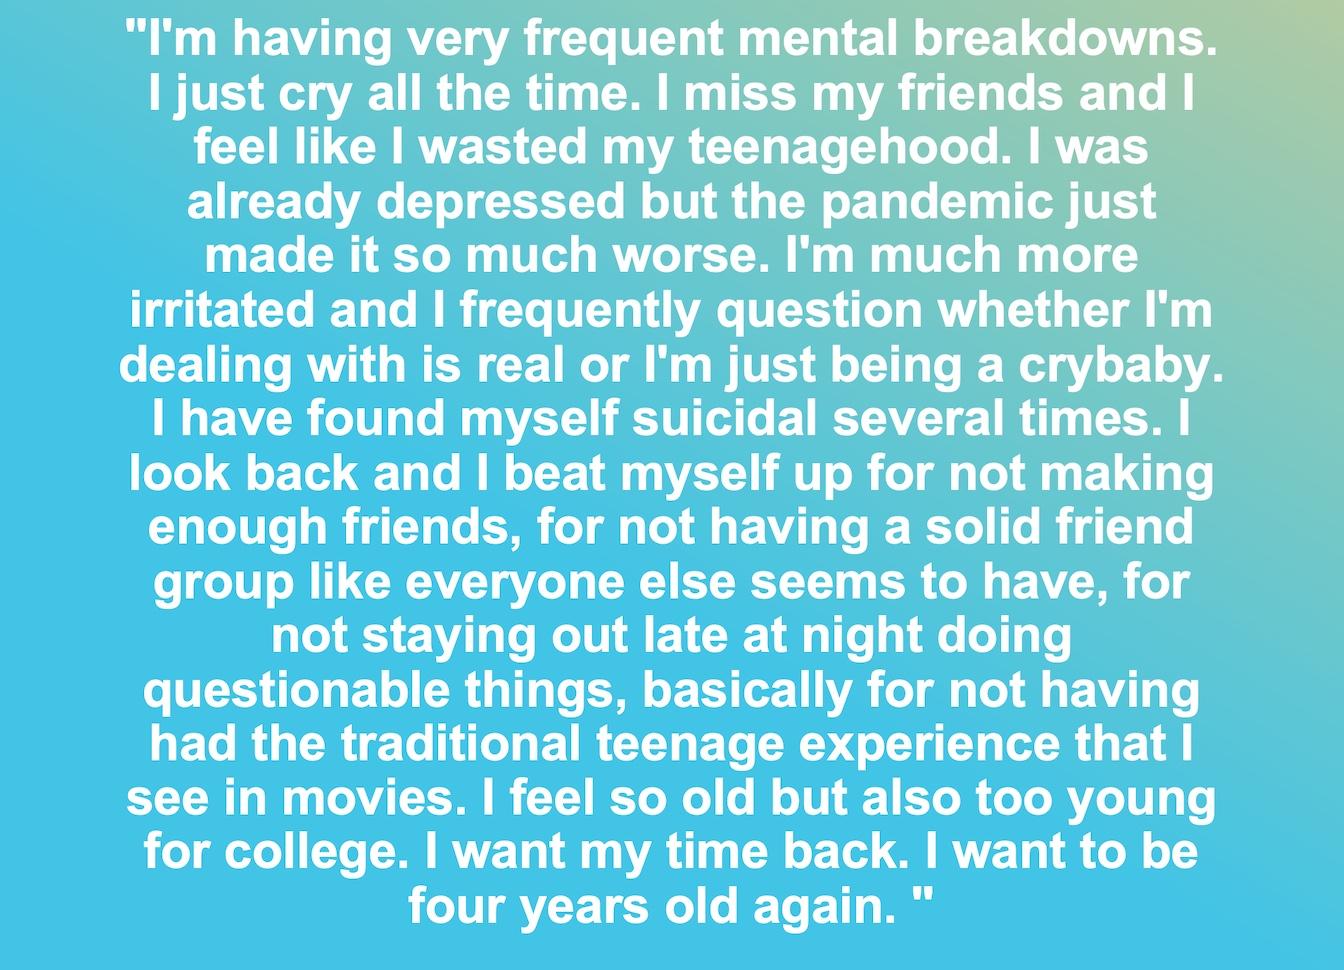 """""""Miro hacia atrás y me castigo por no hacer suficientes amigos, por no tener un grupo de amigos sólido como todos los demás parecen tener, por no quedarme hasta tarde en la noche haciendo cosas cuestionables, básicamente por no haber tenido la tradicional experiencia adolescente que Lo veo en las películas. Me siento tan viejo pero también demasiado joven para la universidad. Quiero recuperar mi tiempo. Quiero volver a tener cuatro años """"."""